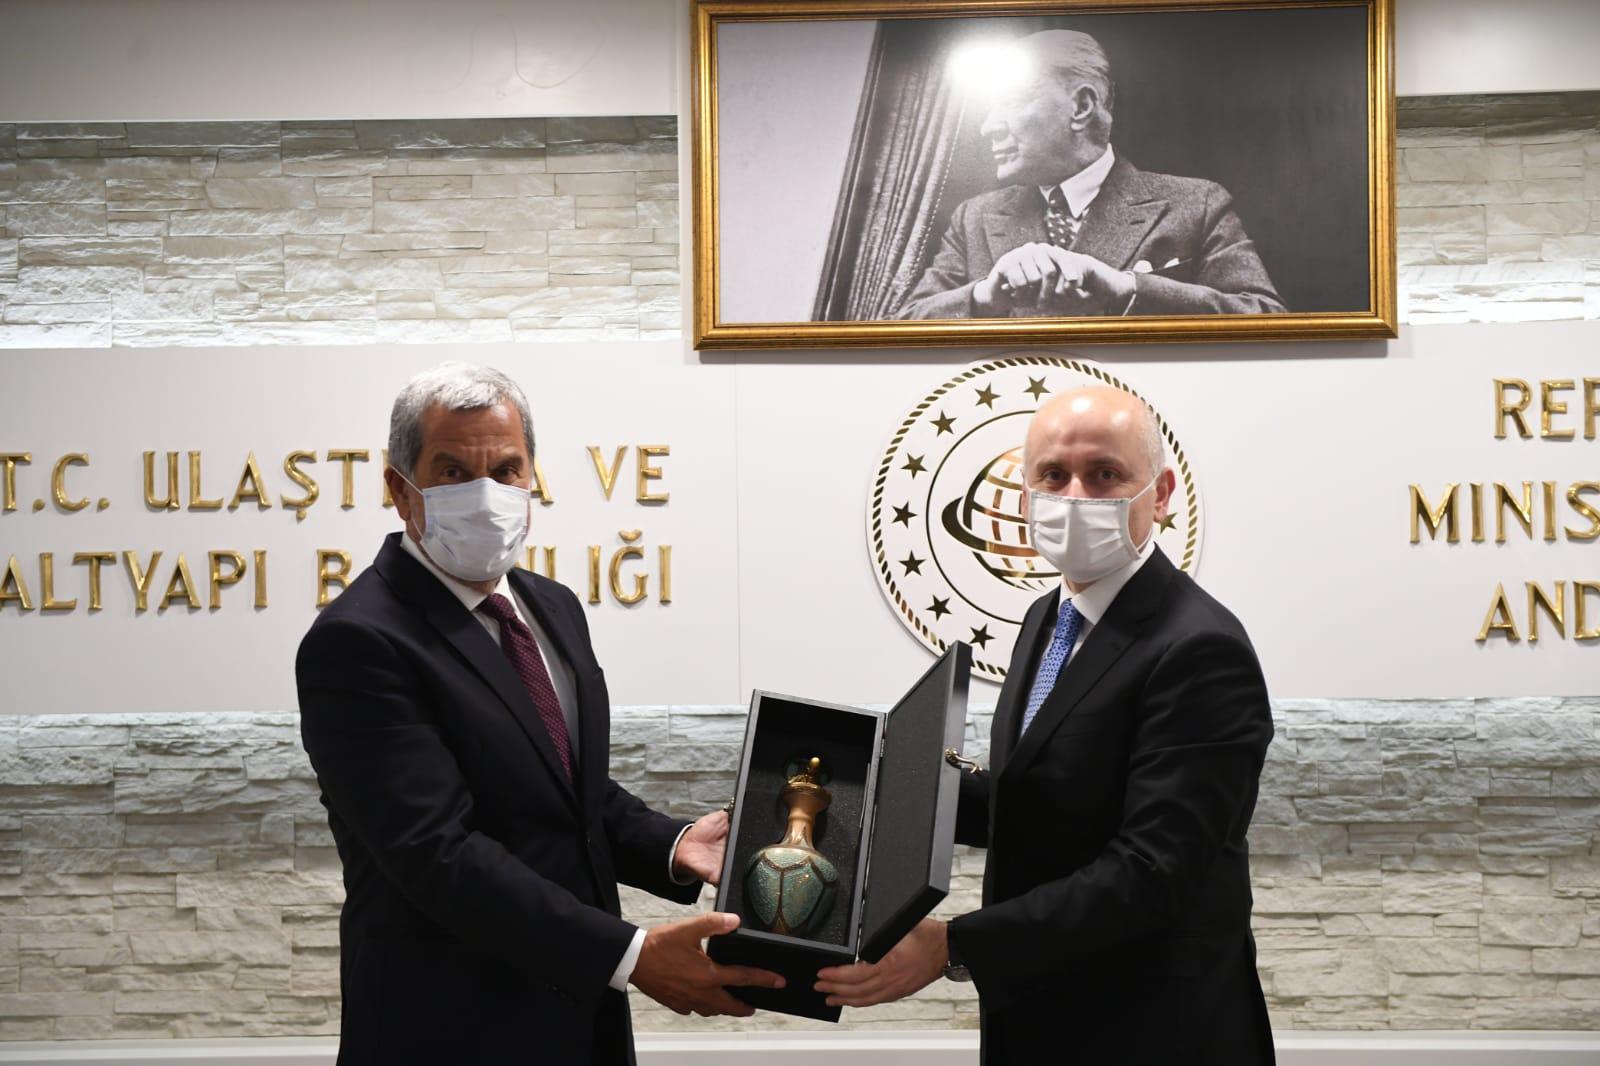 UND Heyeti, Ulaştırma ve Altyapı Bakanı Sayın Adil Karaismailoğlu'na Sektör Sorunları Aktardı